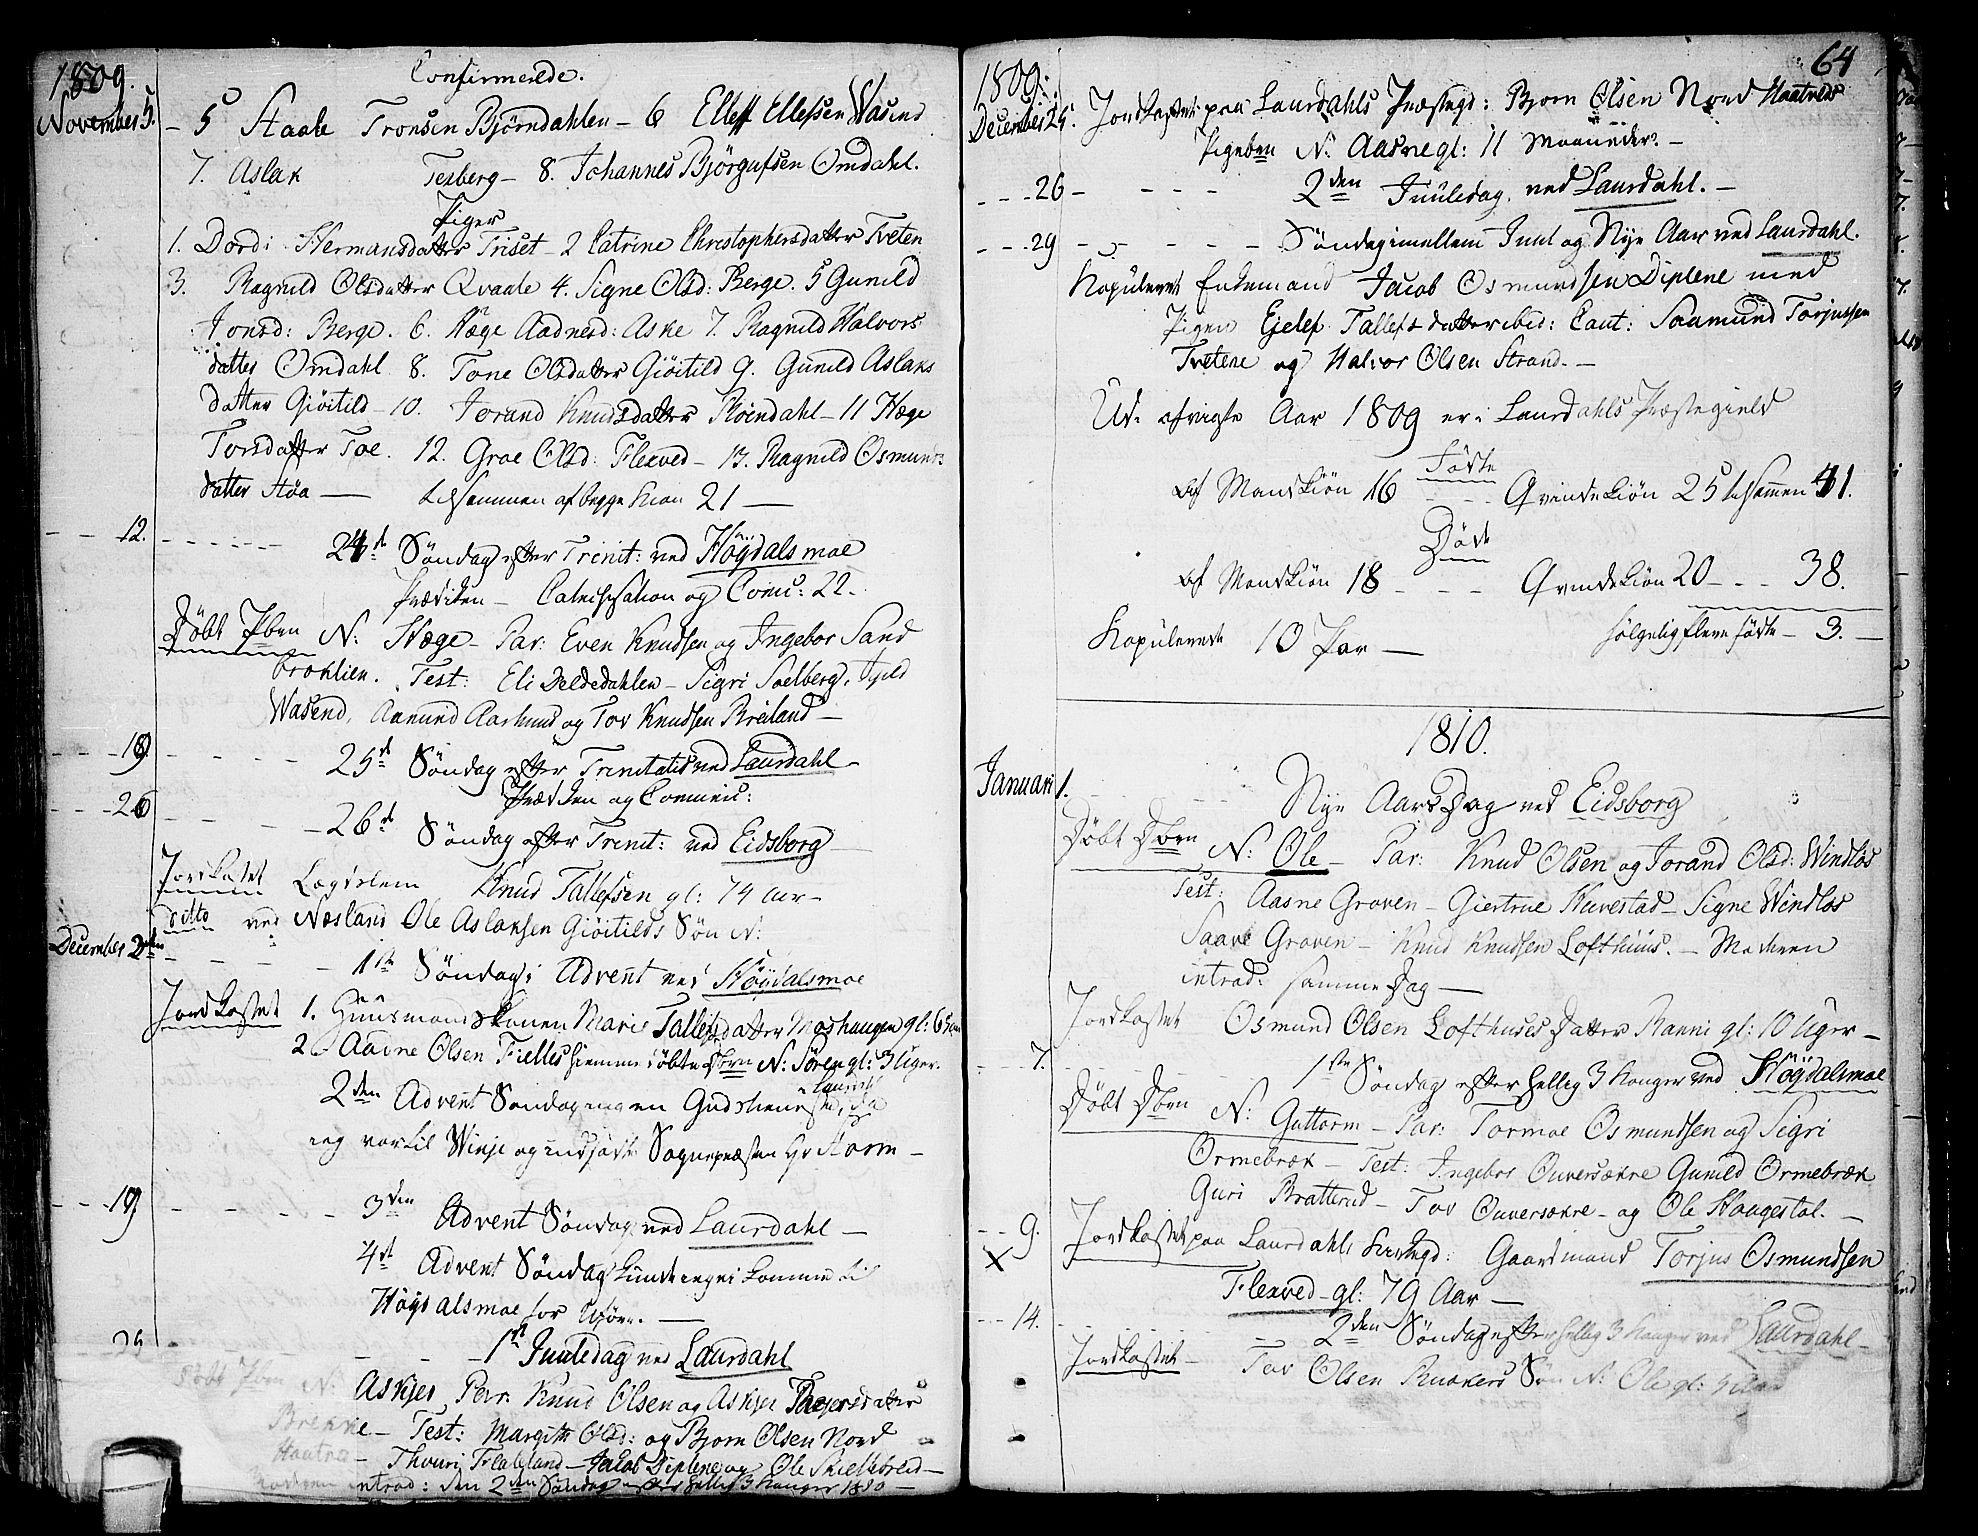 SAKO, Lårdal kirkebøker, F/Fa/L0004: Ministerialbok nr. I 4, 1790-1814, s. 64